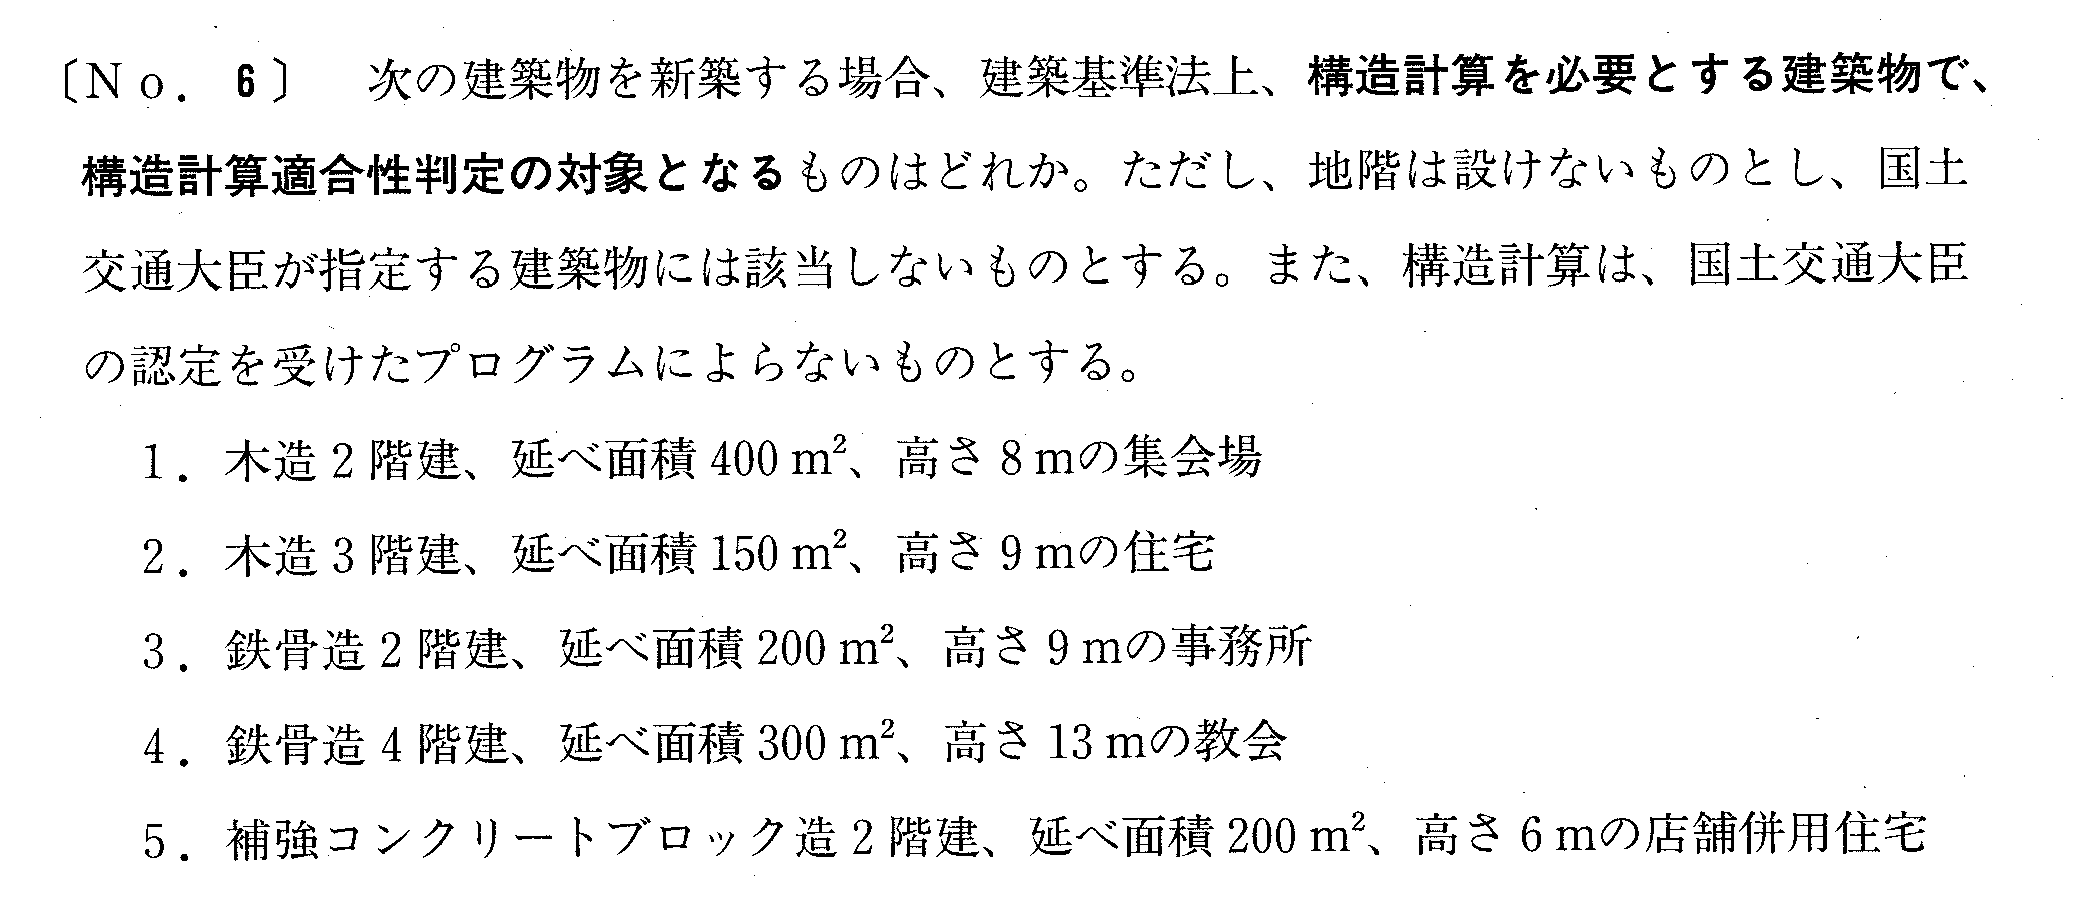 2級過去問(構造計算適合性判定)